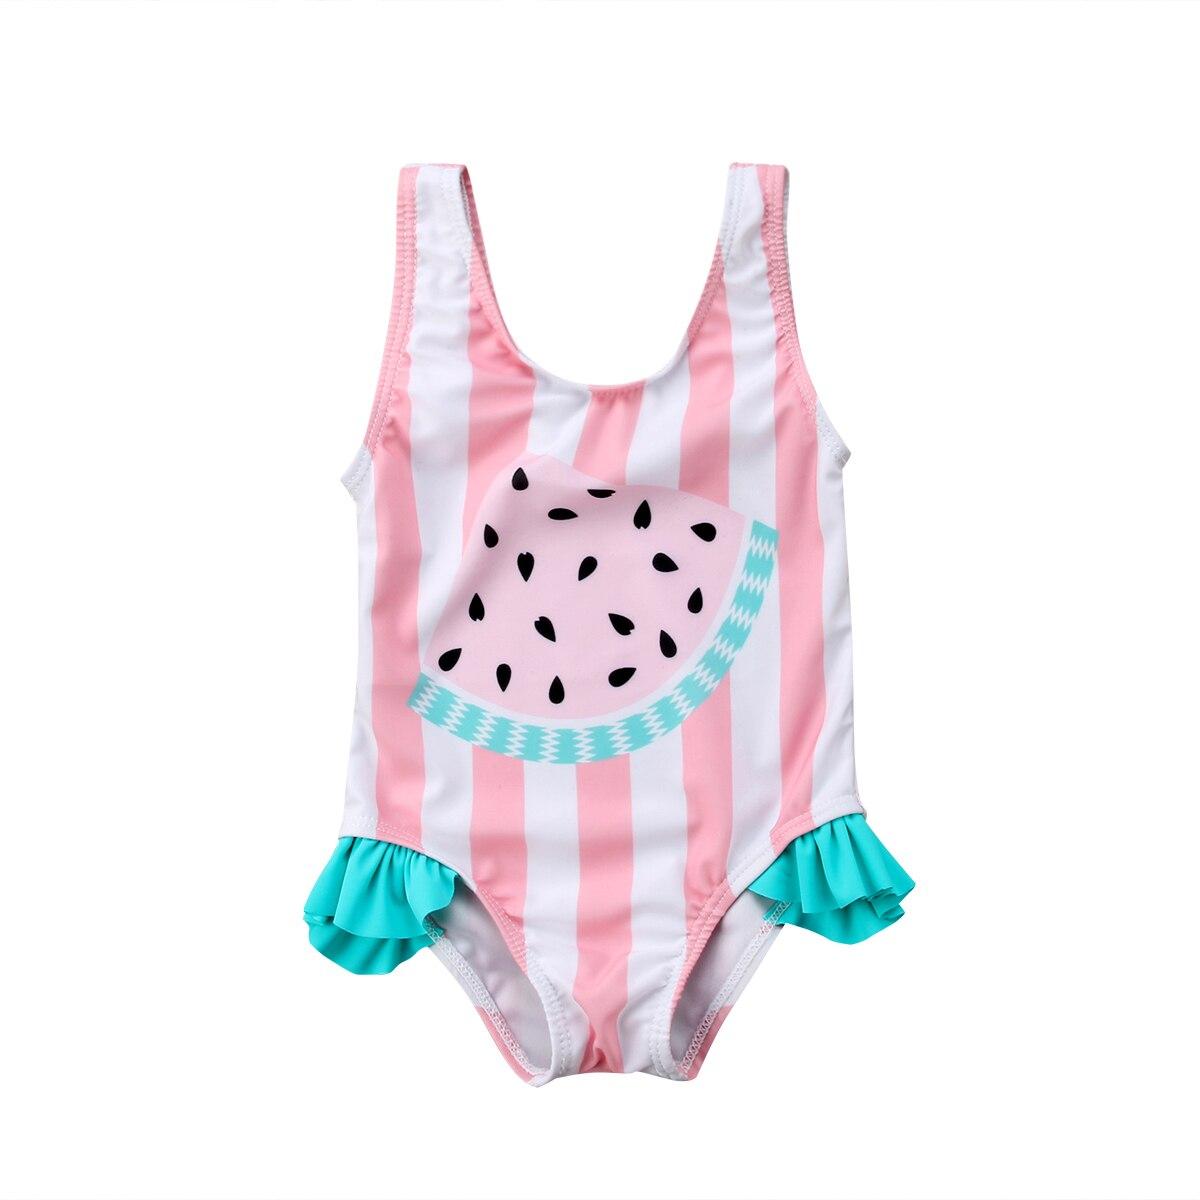 Newborn Kids Baby Girls Watermelon Swimsuit Swimwear Swimming Bikini Beachwear